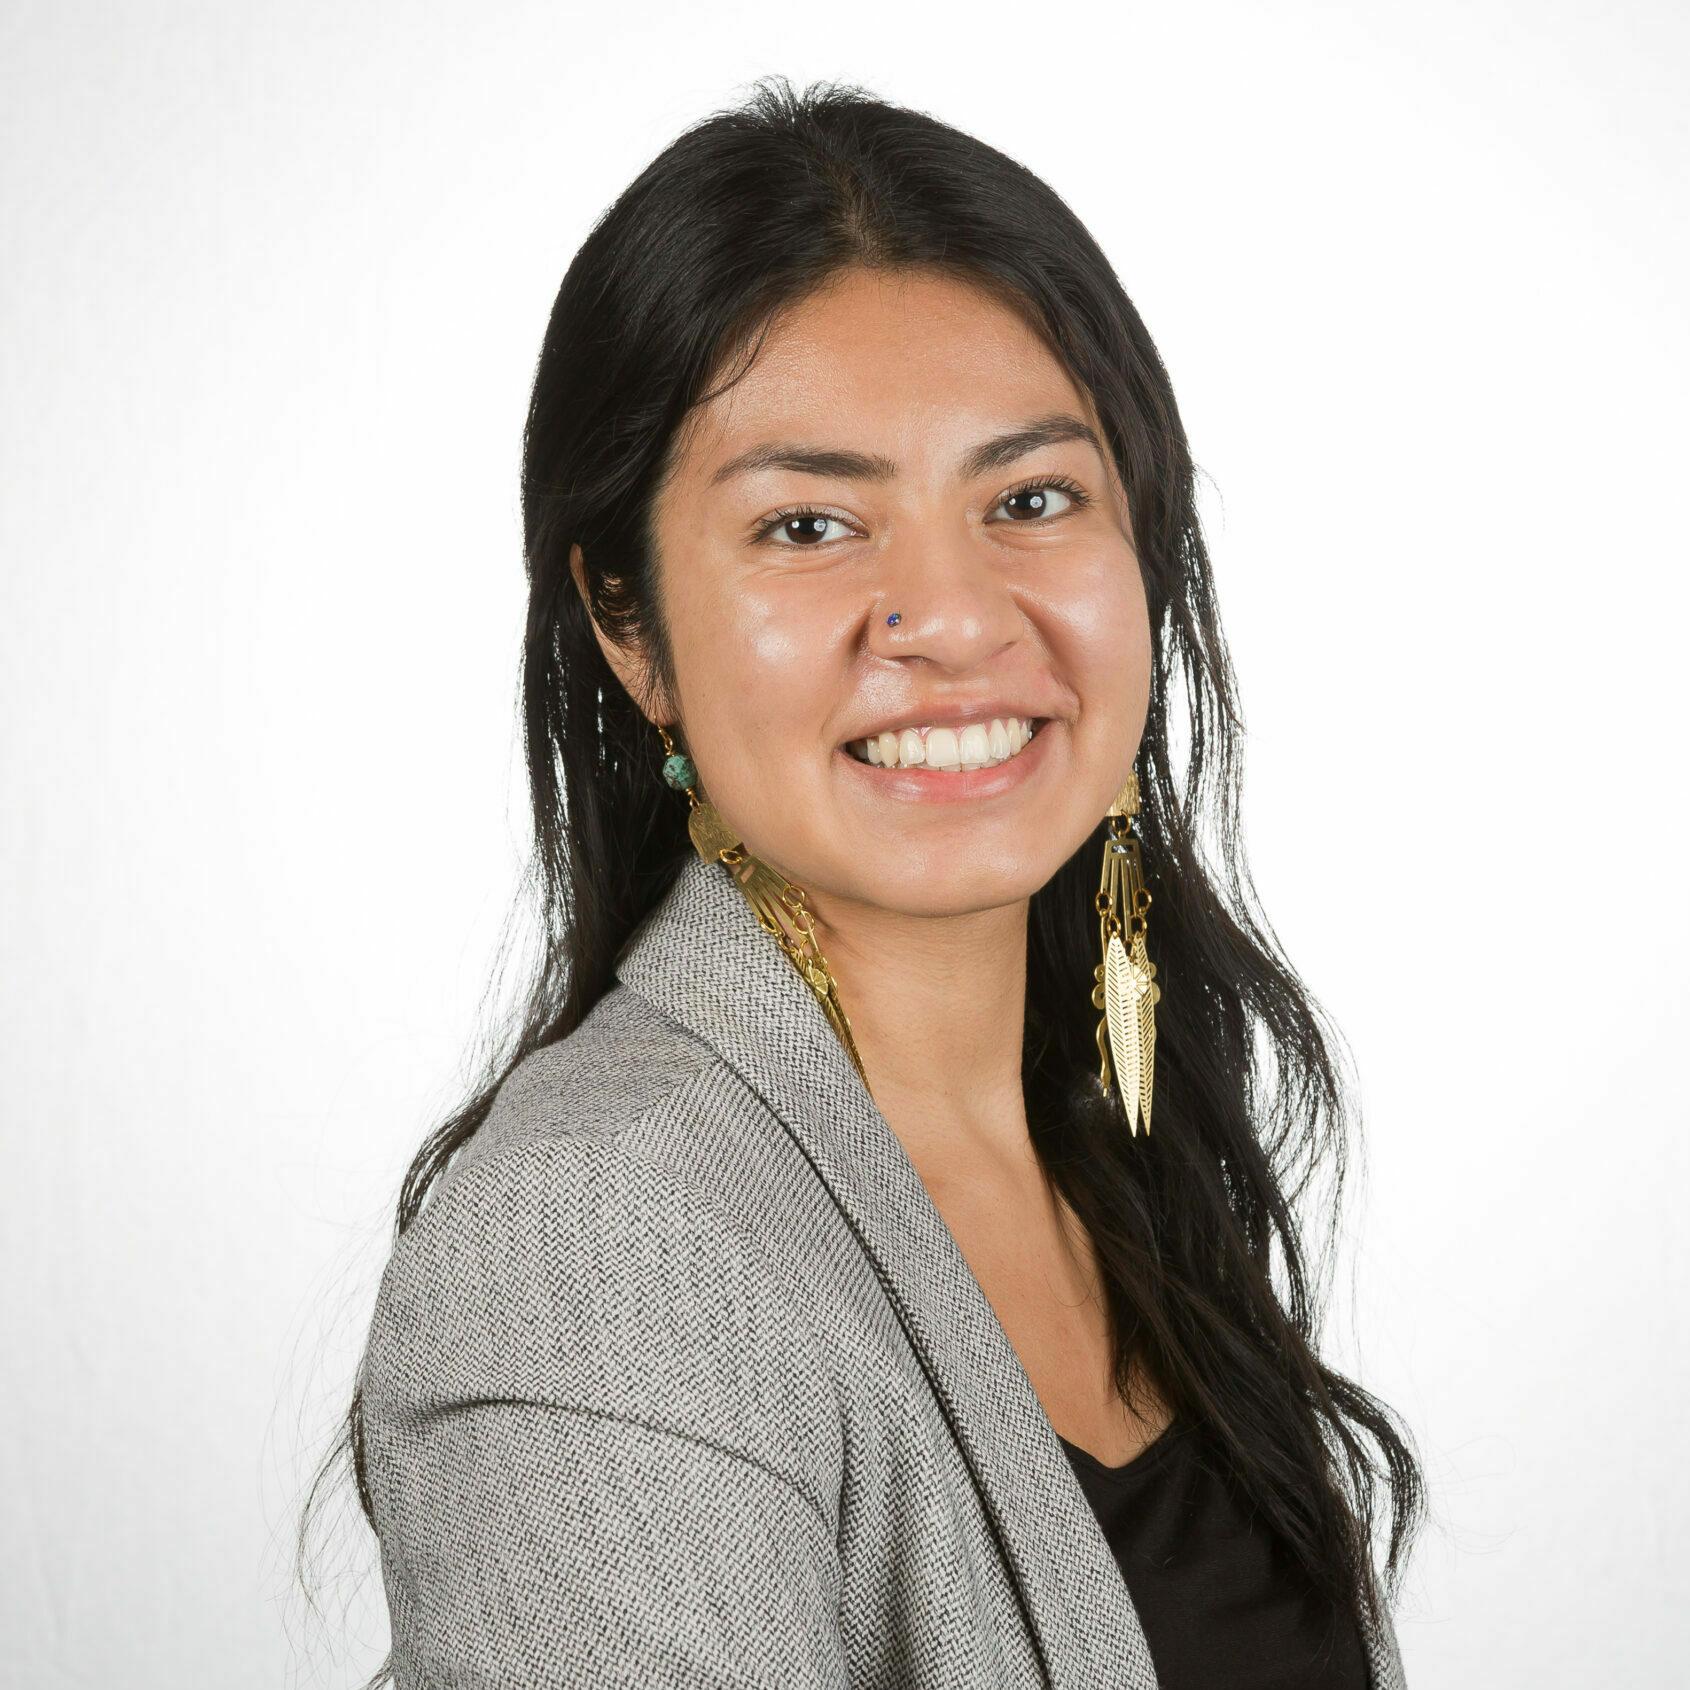 Susanna Morales